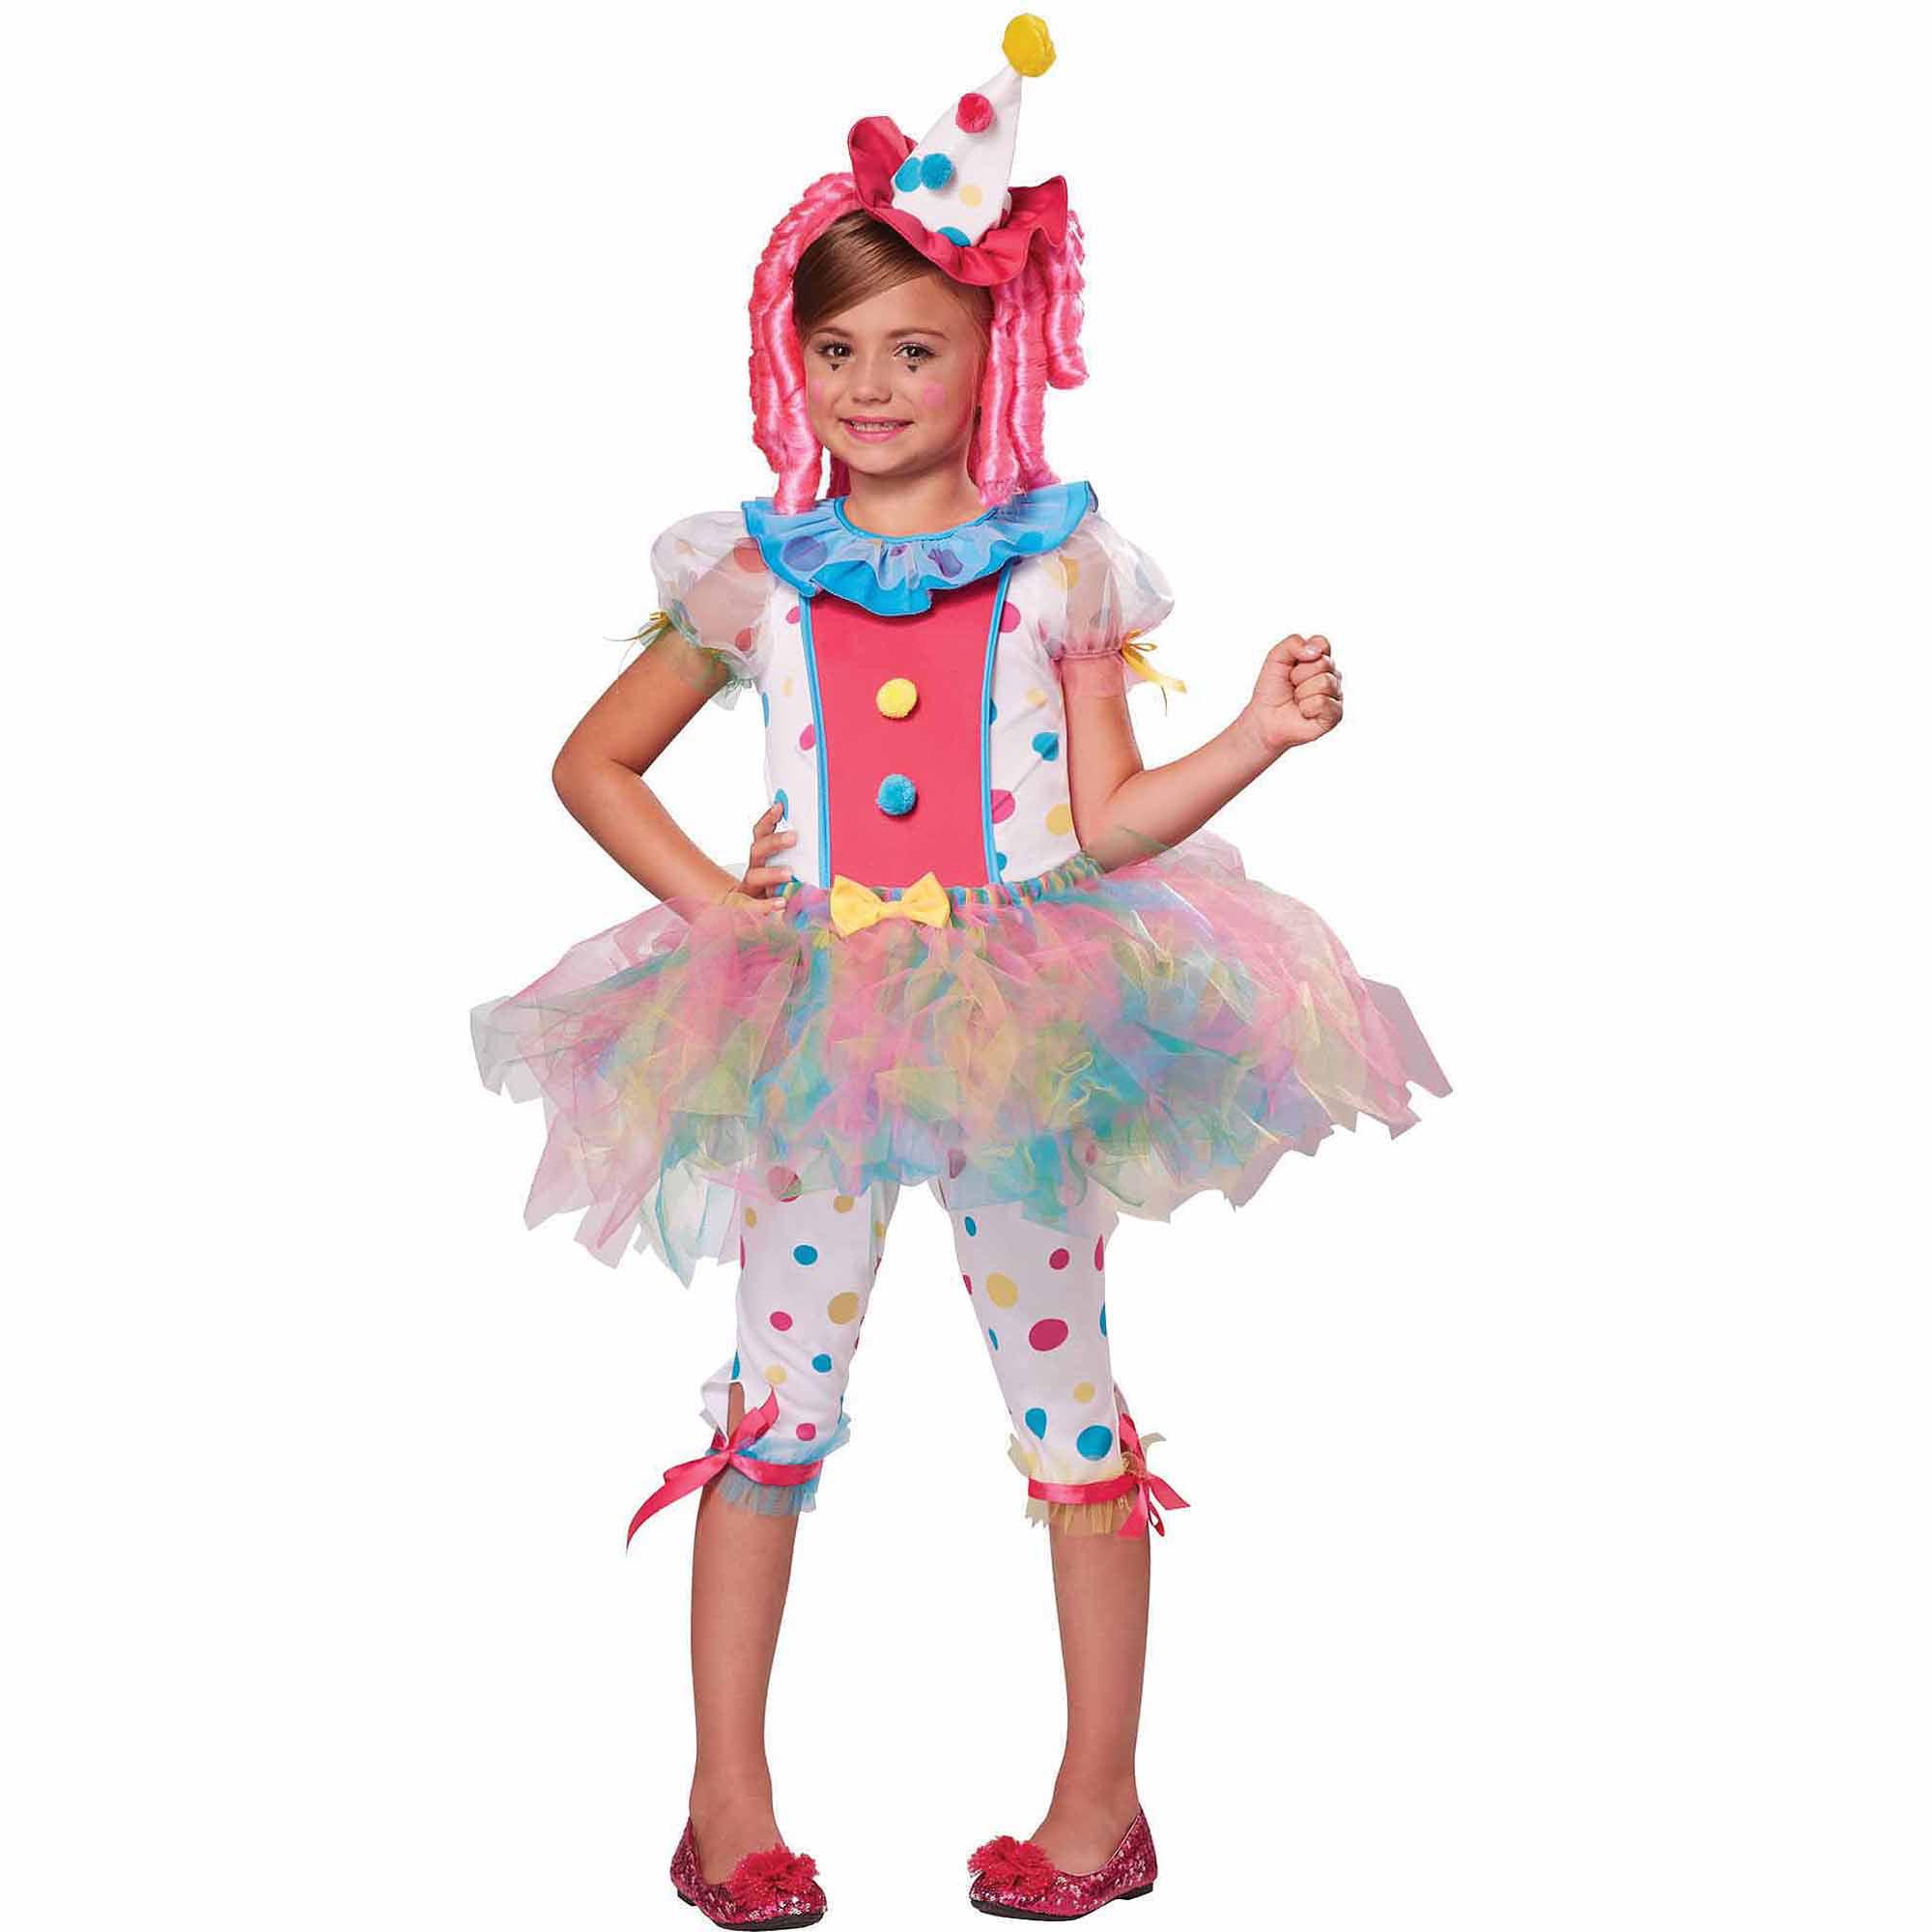 Kaleidoscope Klown Child Halloween Costume